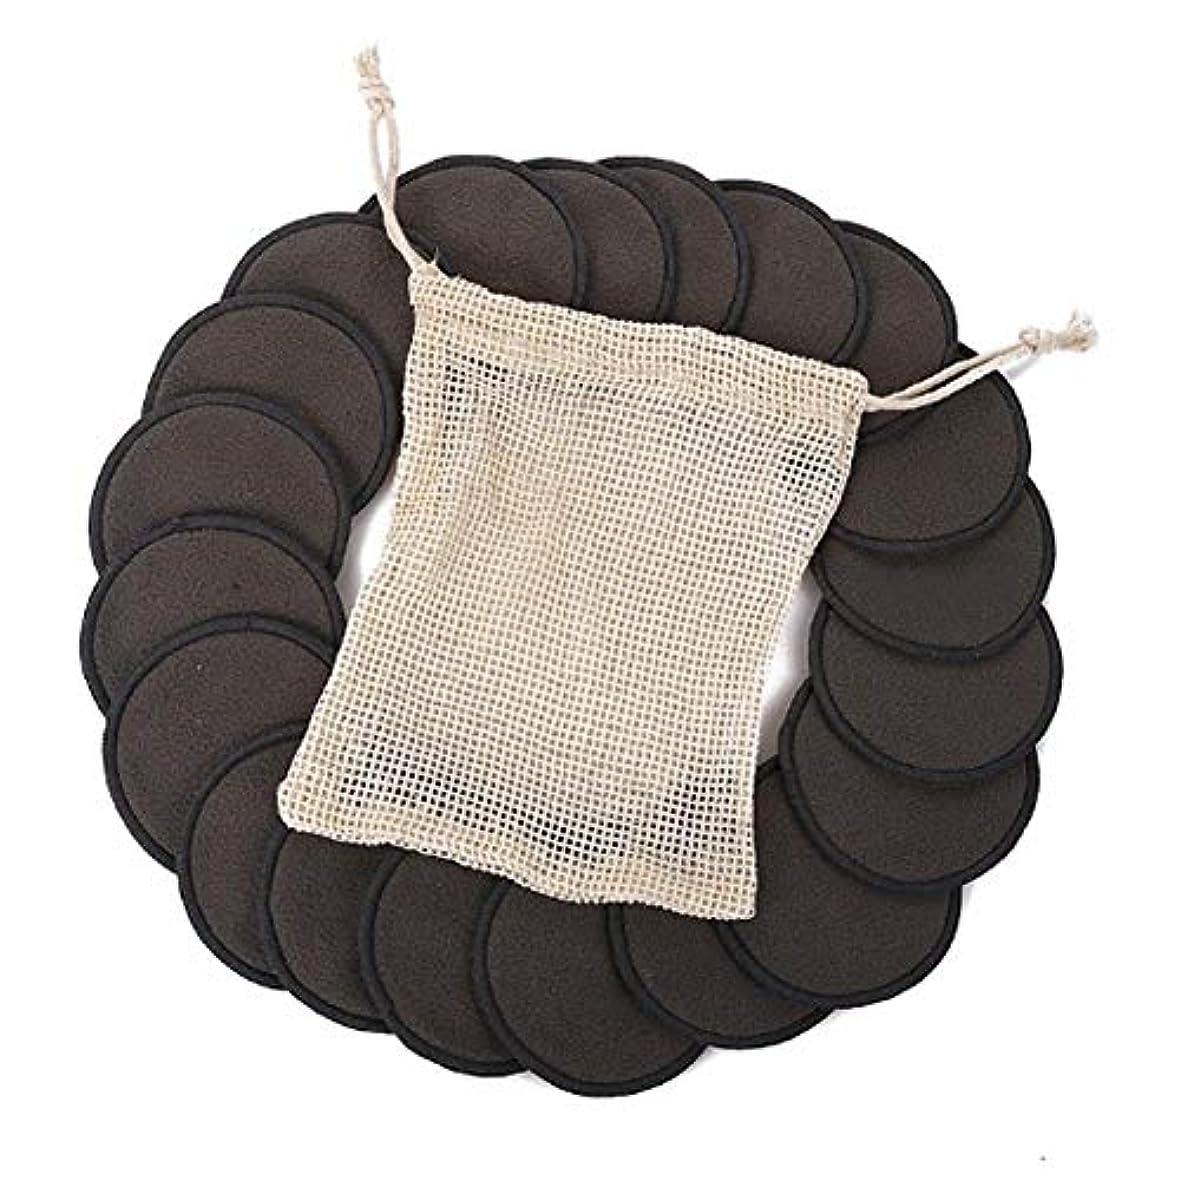 建築家パッチボックス綿のパッド、顔の目のための12PCS構造の取り外しの綿のパッドの再使用可能なタケ繊維の洗濯できる円形のパッド